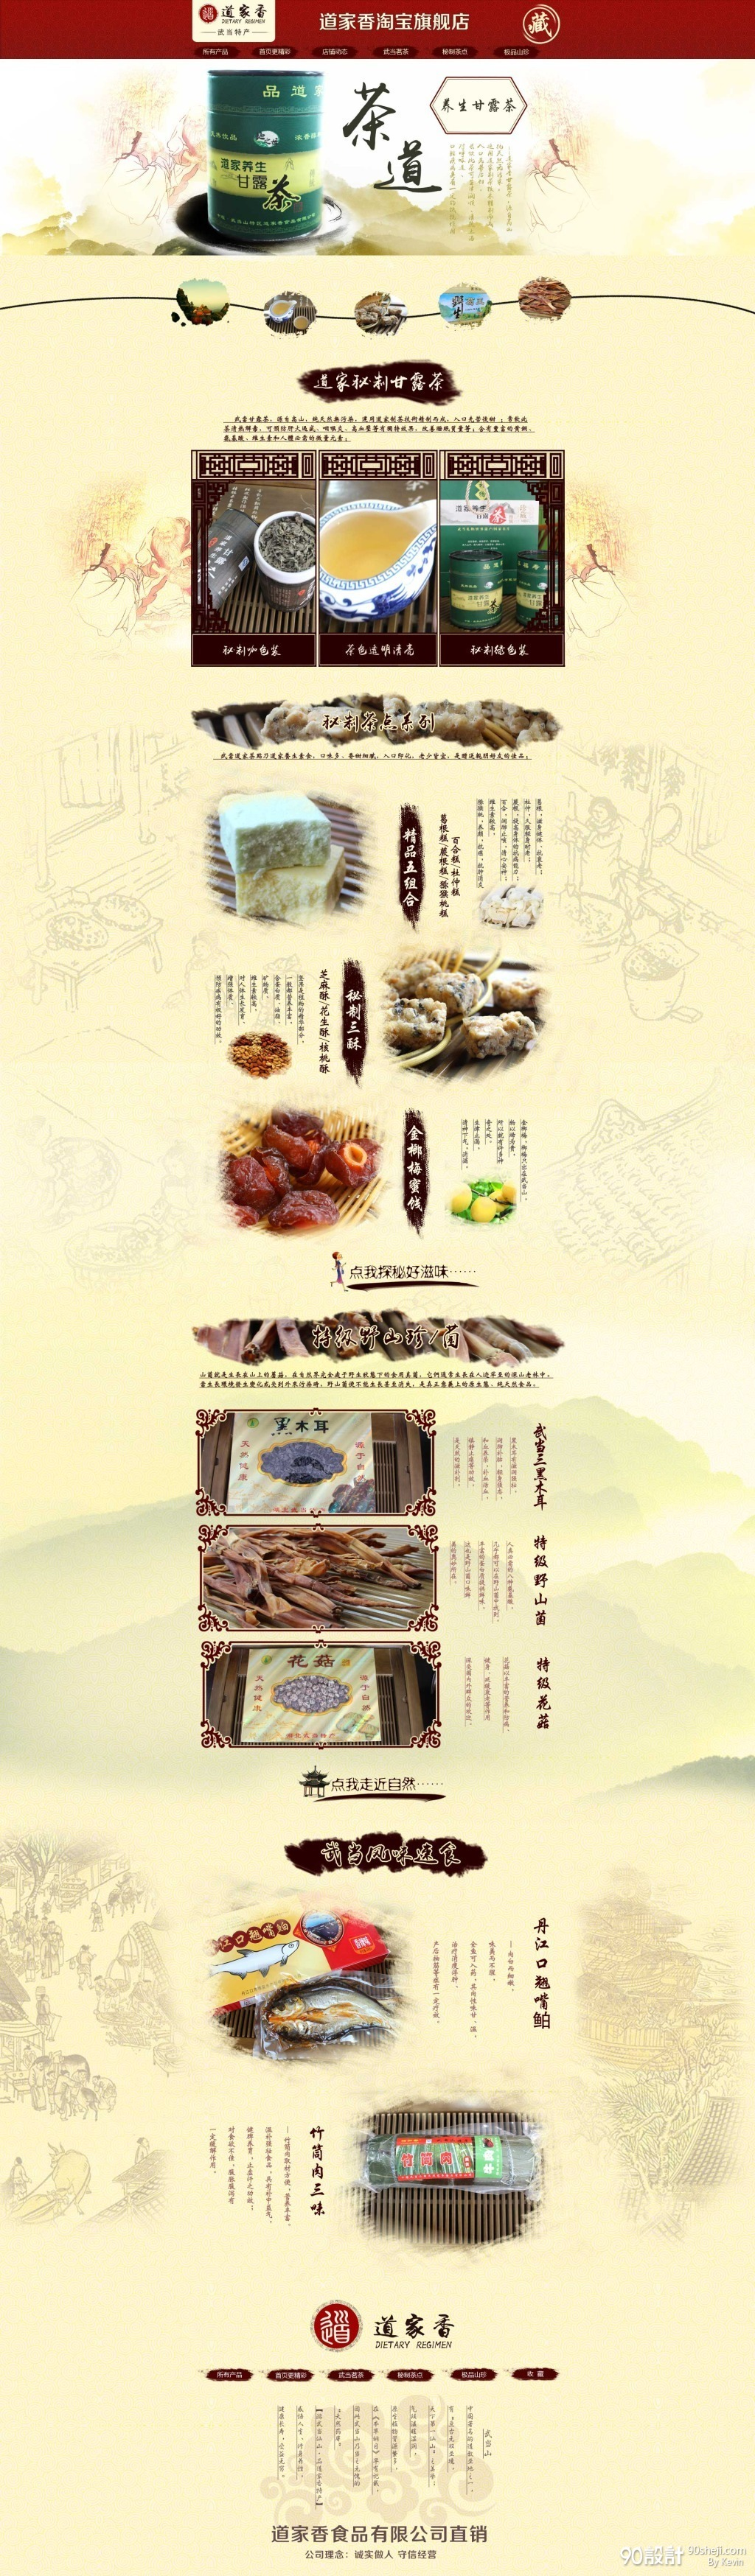 中国风淘宝首页设计psd